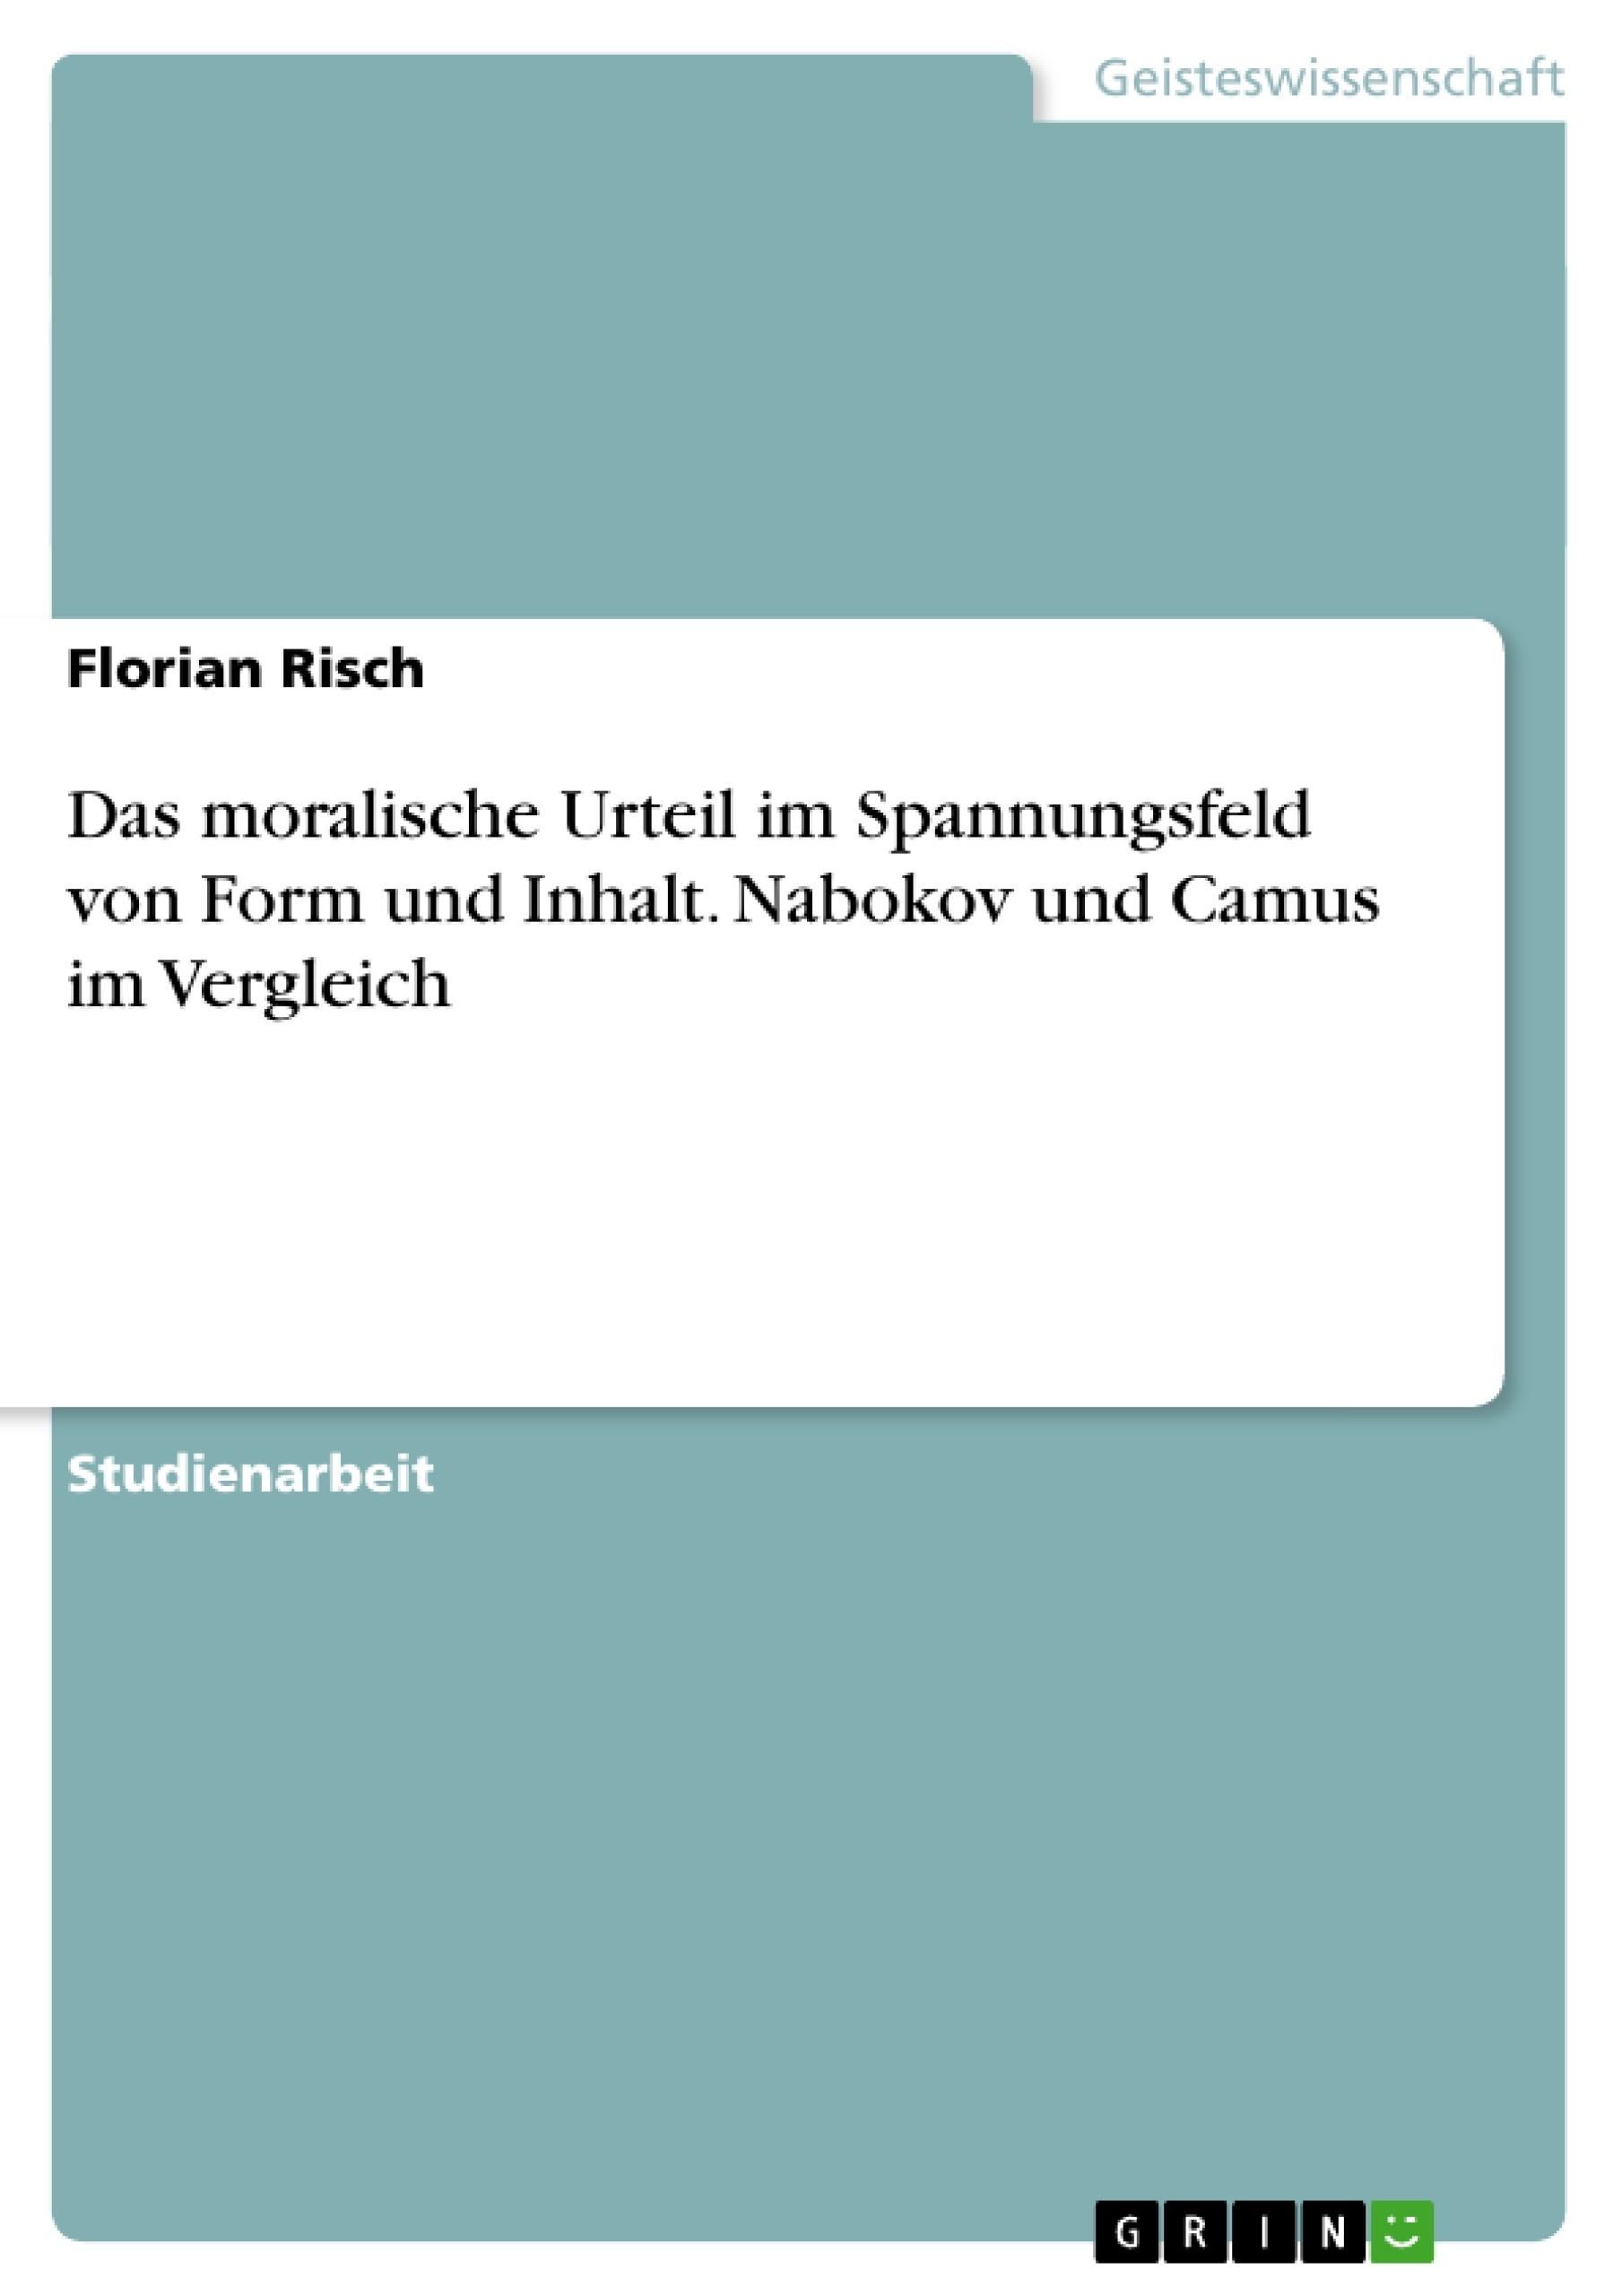 Titel: Das moralische Urteil im Spannungsfeld von Form und Inhalt. Nabokov und Camus im Vergleich